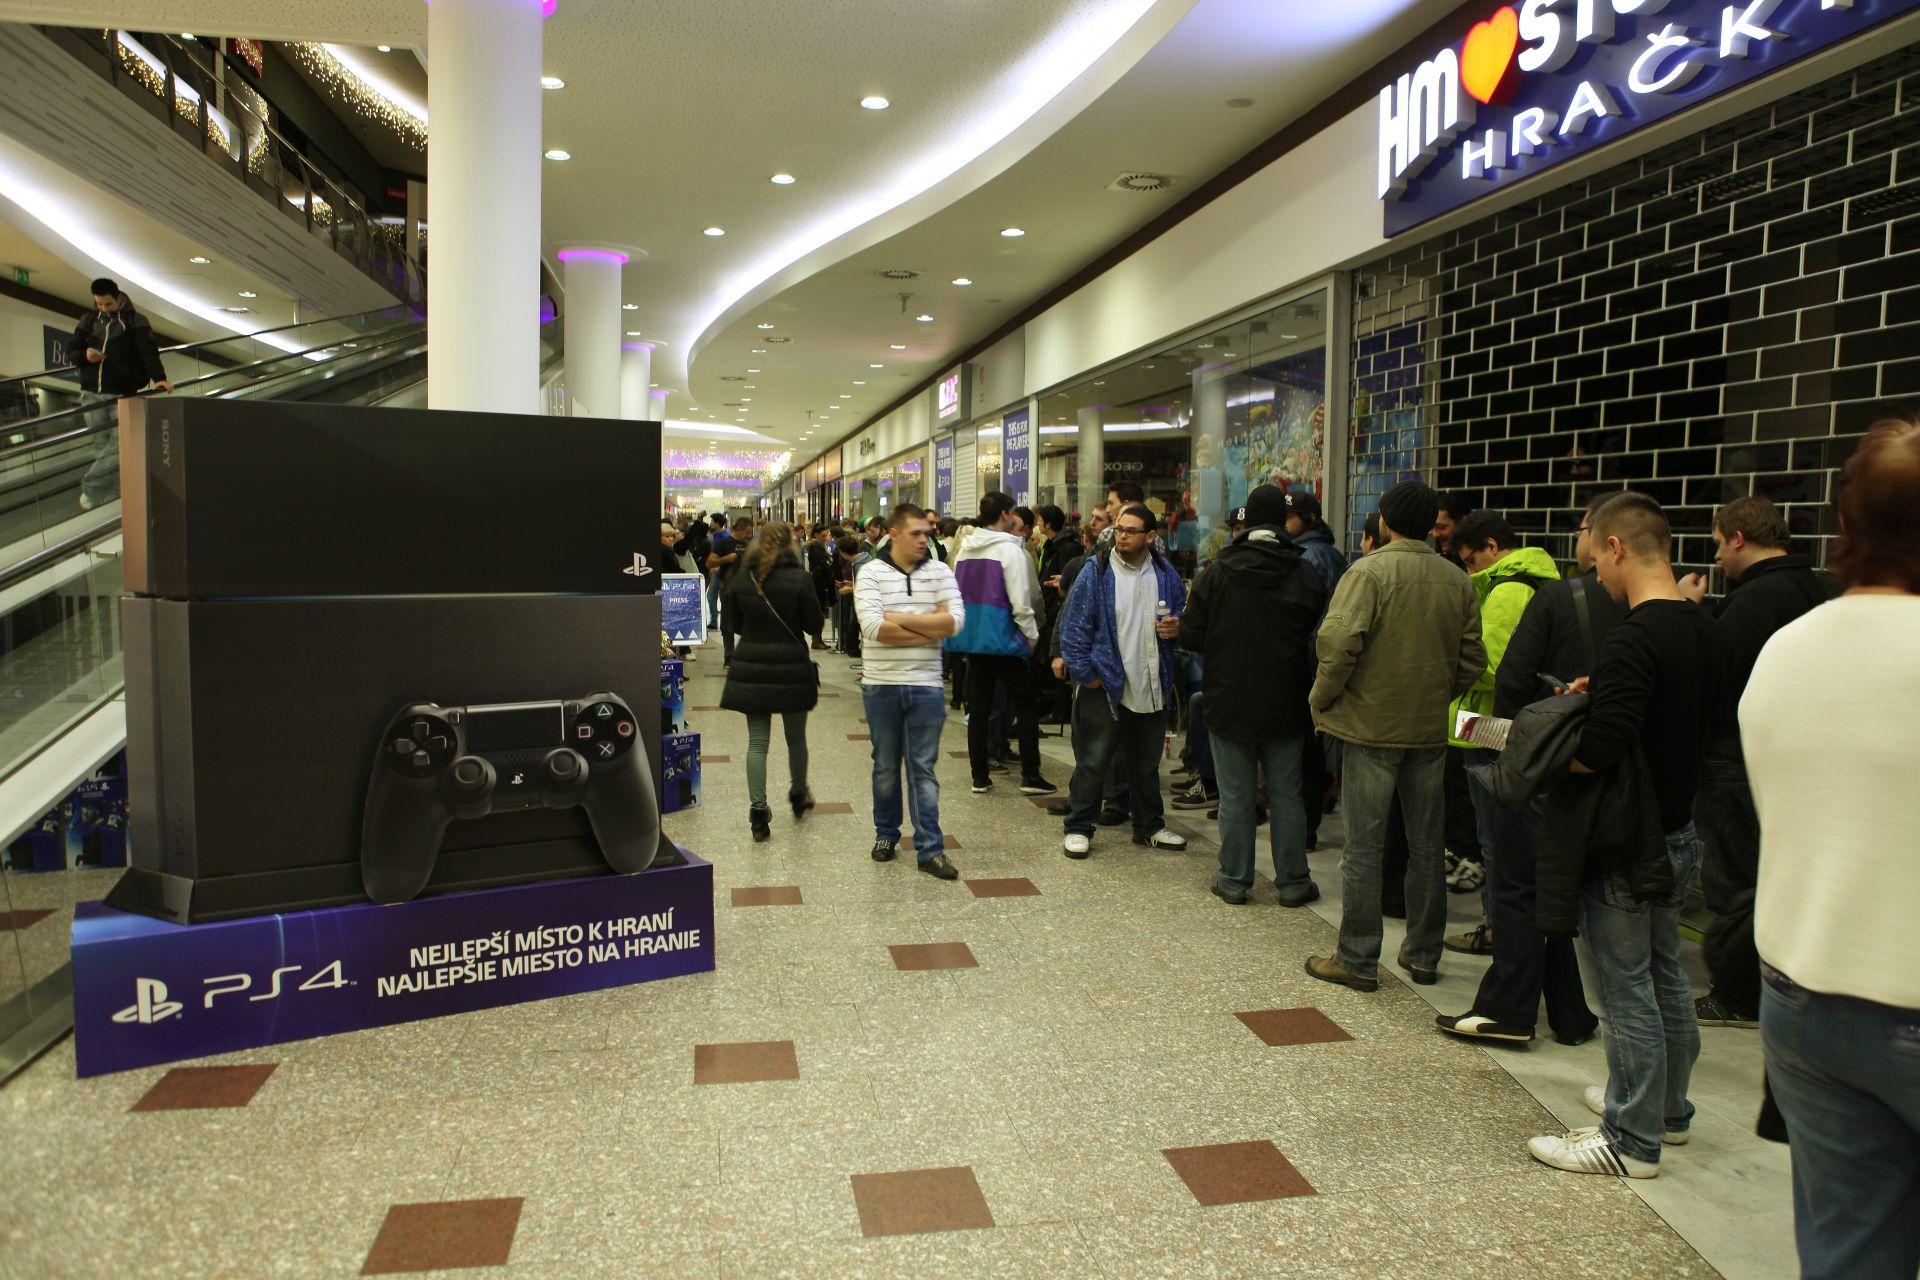 Fotky z půlnočního prodeje PS4 v Praze a Bratislavě 90885